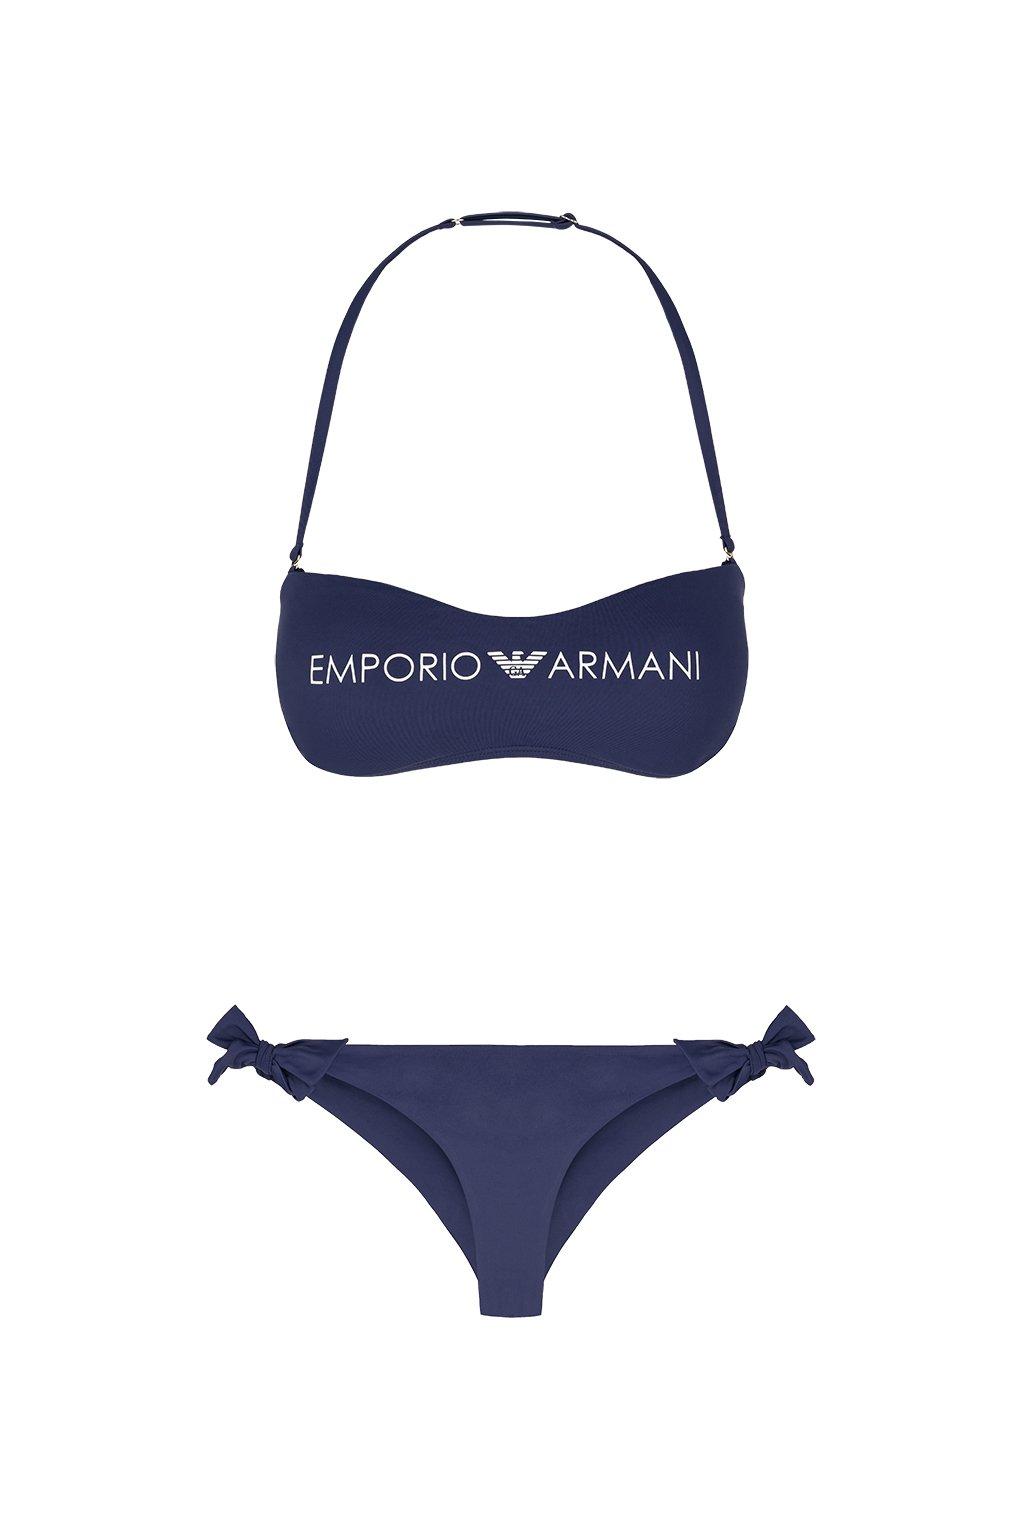 Emporio Armani Lehce vyztužený vrchní díl plavek + brazilky - tmavě modrá